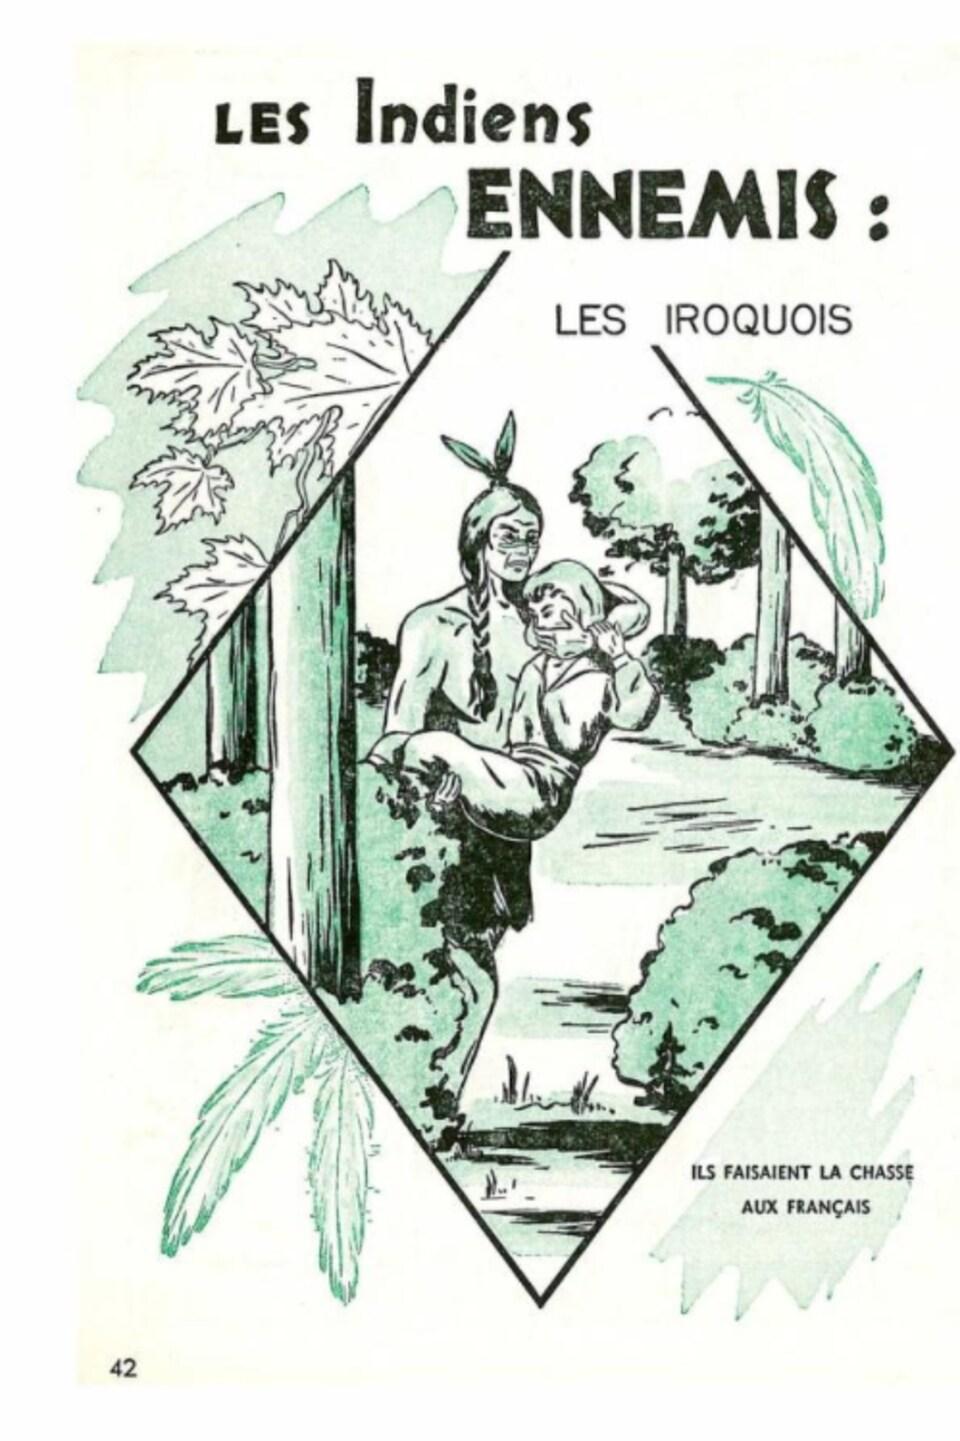 Extrait du manuel «Mon second album d'histoire du Canada. Les Français s'établissent au pays des Indiens » de 1951, où on peut lire « Les Indiens ennemis : les Iroquois. Ils faisaient la chasse aux Français ».